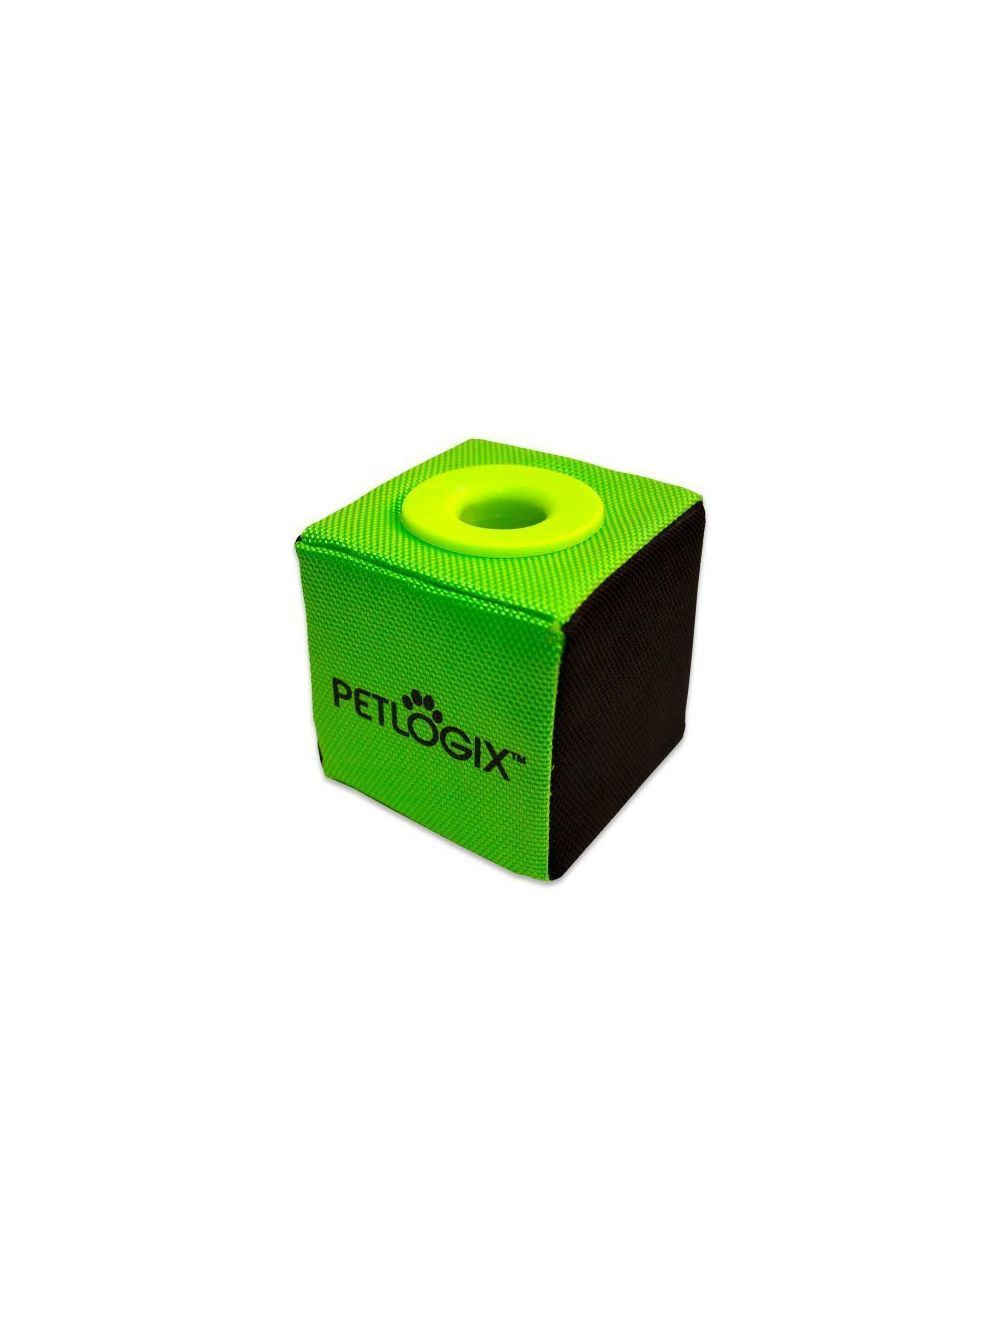 Petlogix Cubo Zing - Ciudaddemascotas.com